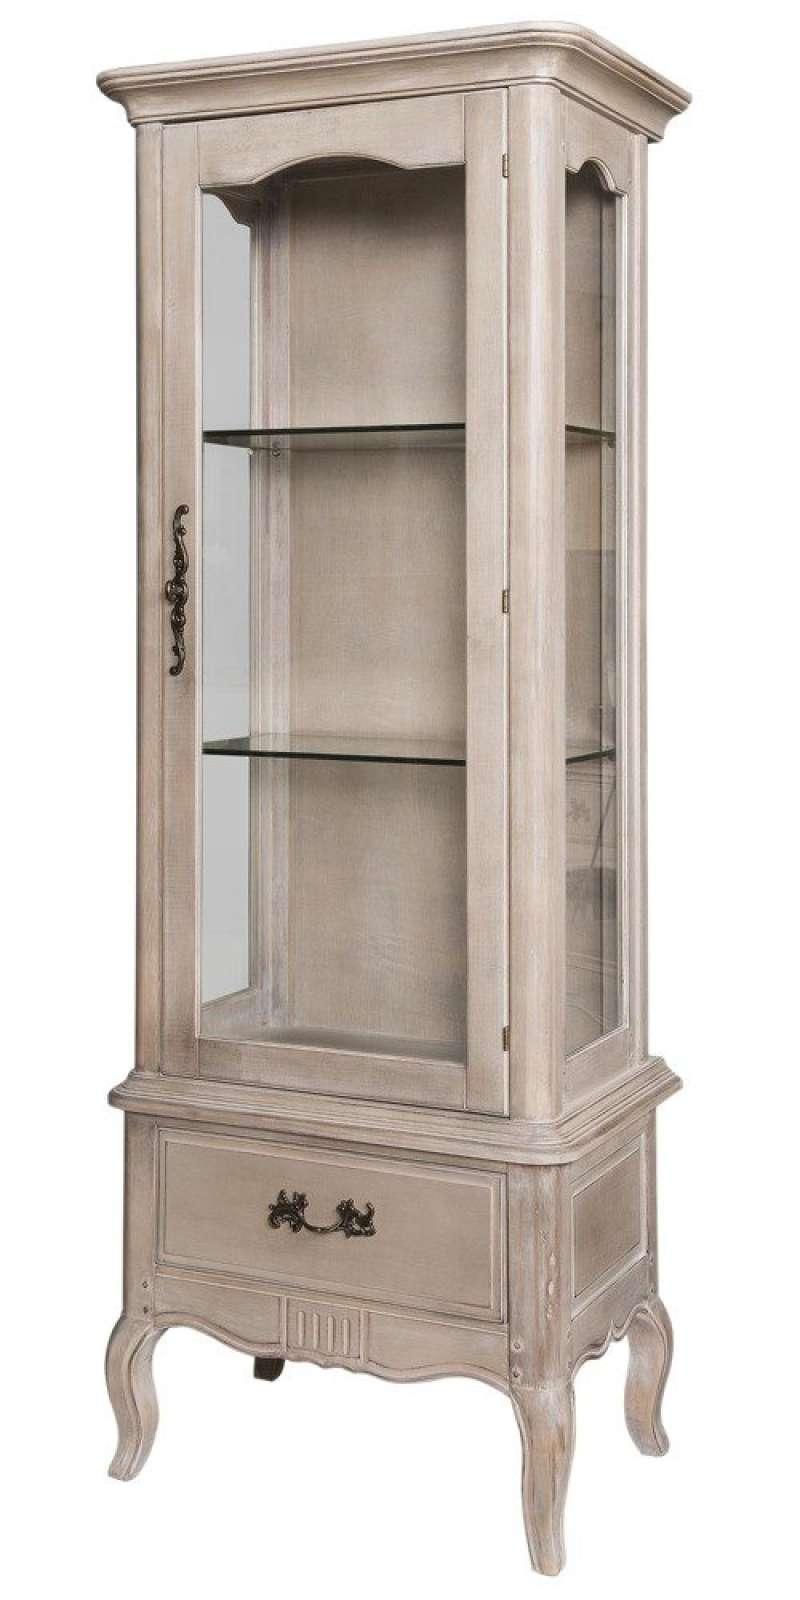 Vitrină cu ușă și sertar Dominica, 180x71x46 cm, lemn de mesteacan/ metal, bej poza